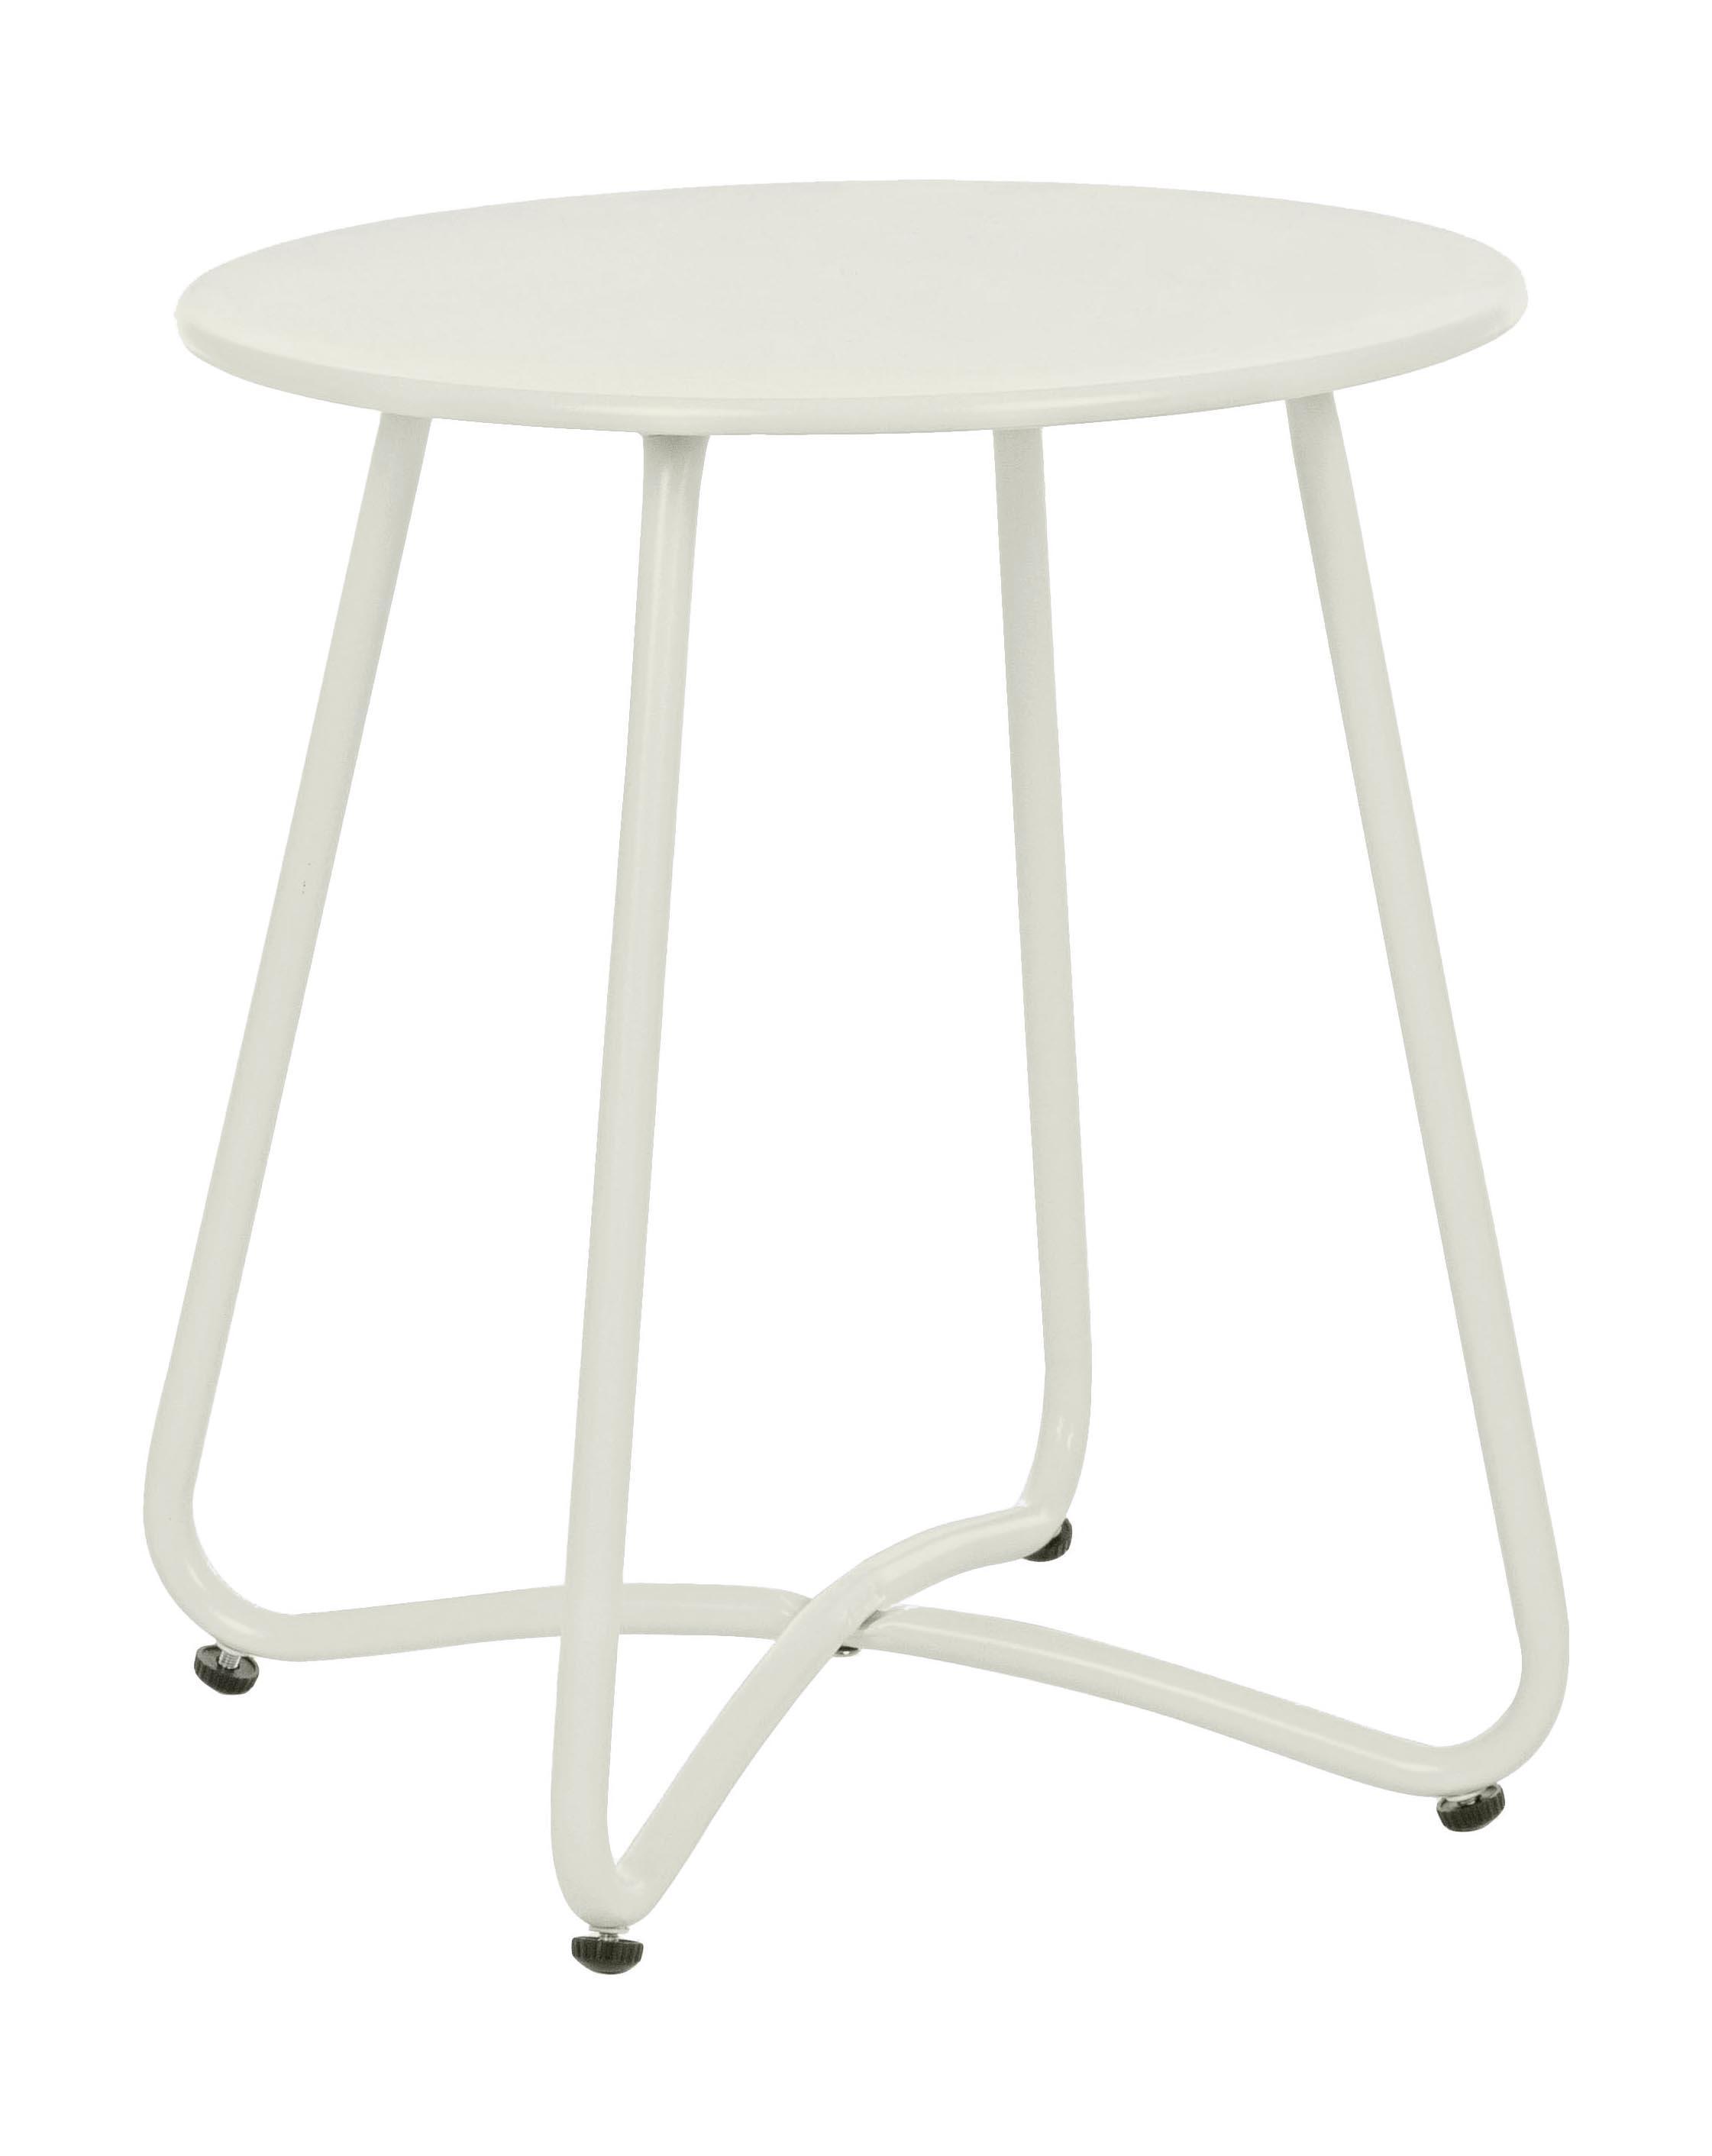 Tavolino da giardino in metallo Wissant, Acciaio verniciato a polvere, Bianco, Ø 40 x Alt. 45 cm